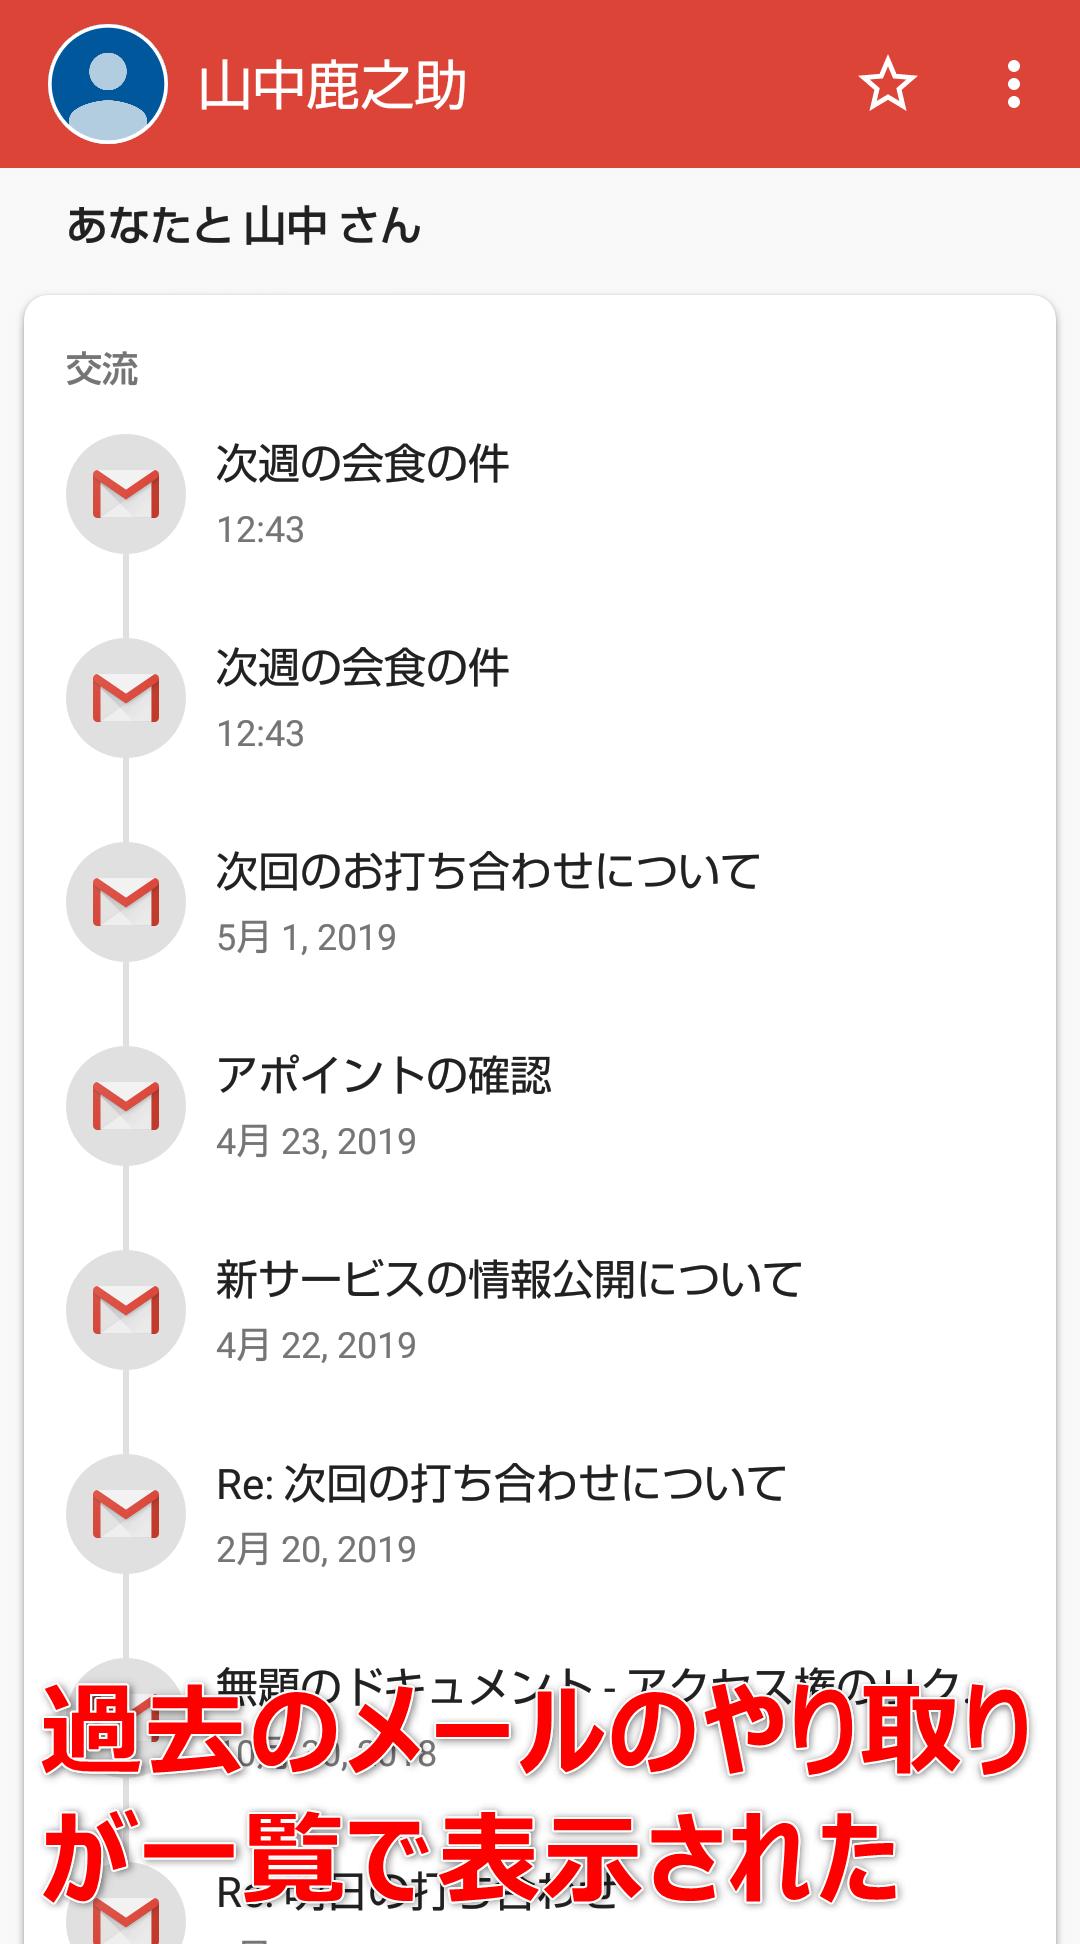 スマートフォン(Android、アンドロイド、iPhone、アイフォーン)のGmailアプリの連絡先情報の「交流」情報